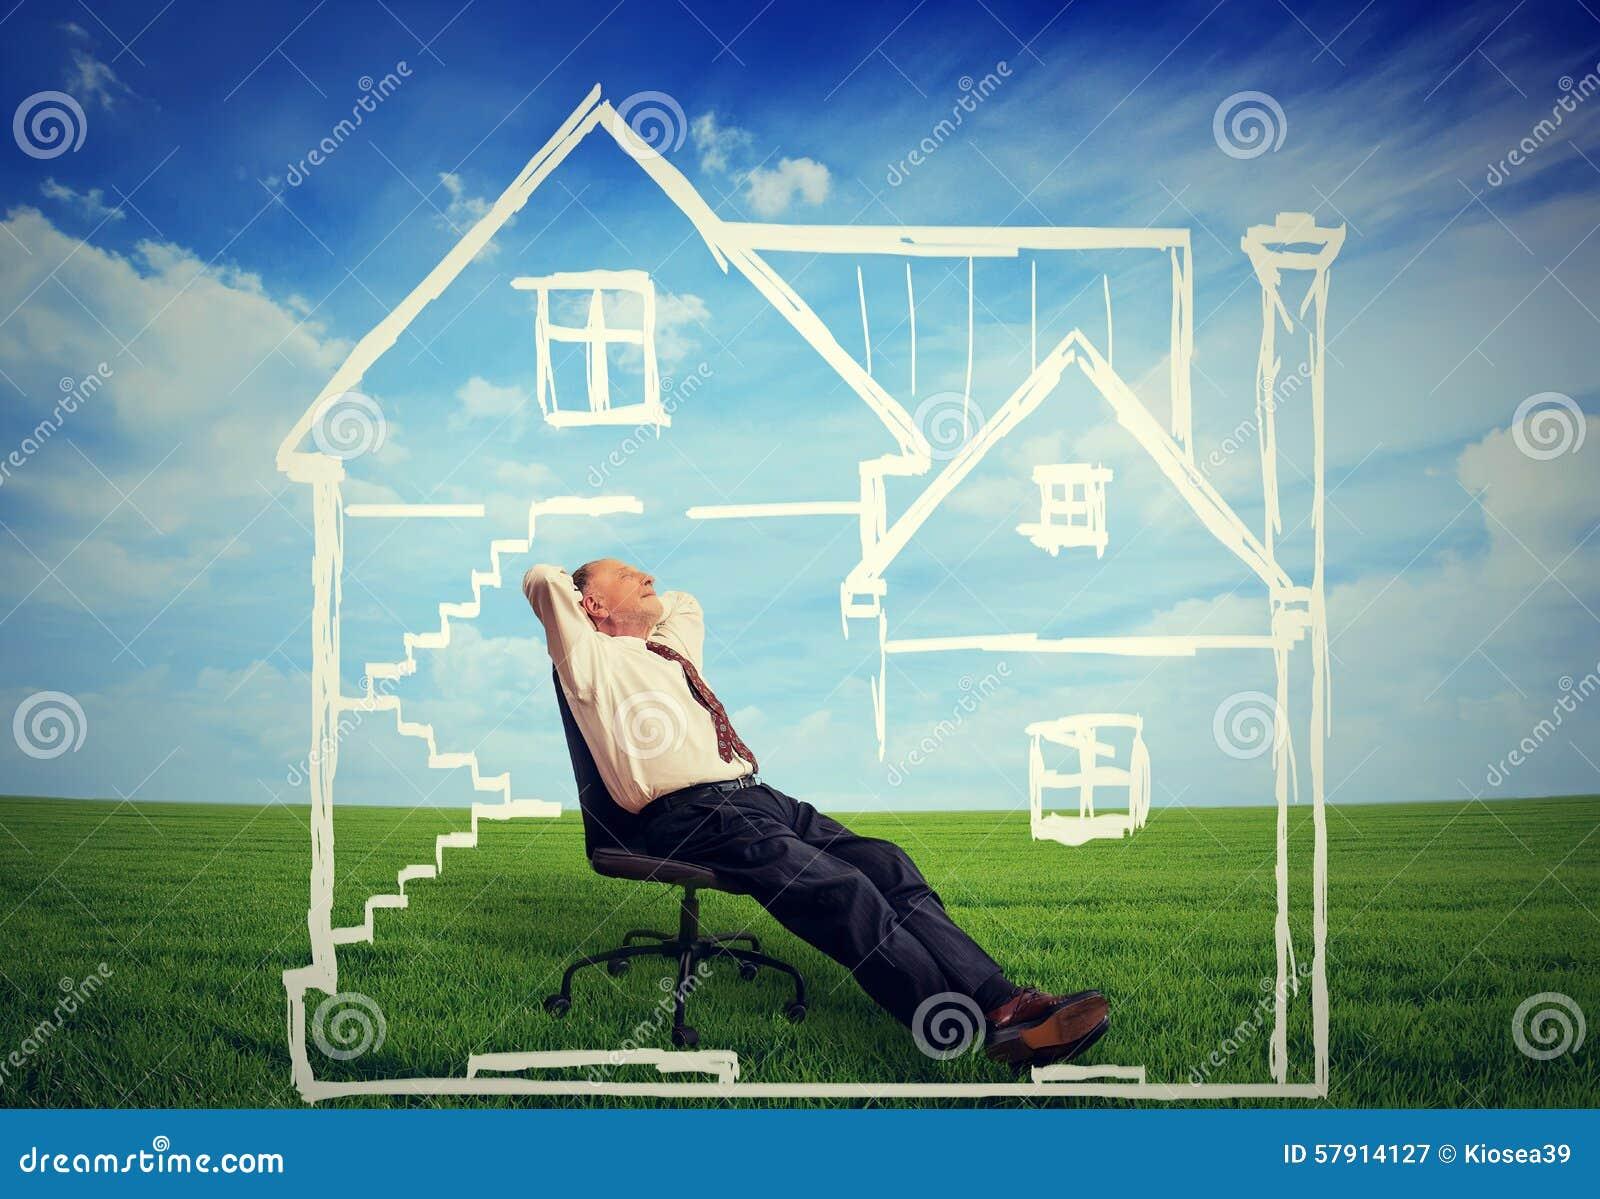 Μια ασφαλής κατοικία Ευτυχές άτομο που απολαμβάνει την ημέρα του σε ένα νέο σπίτι